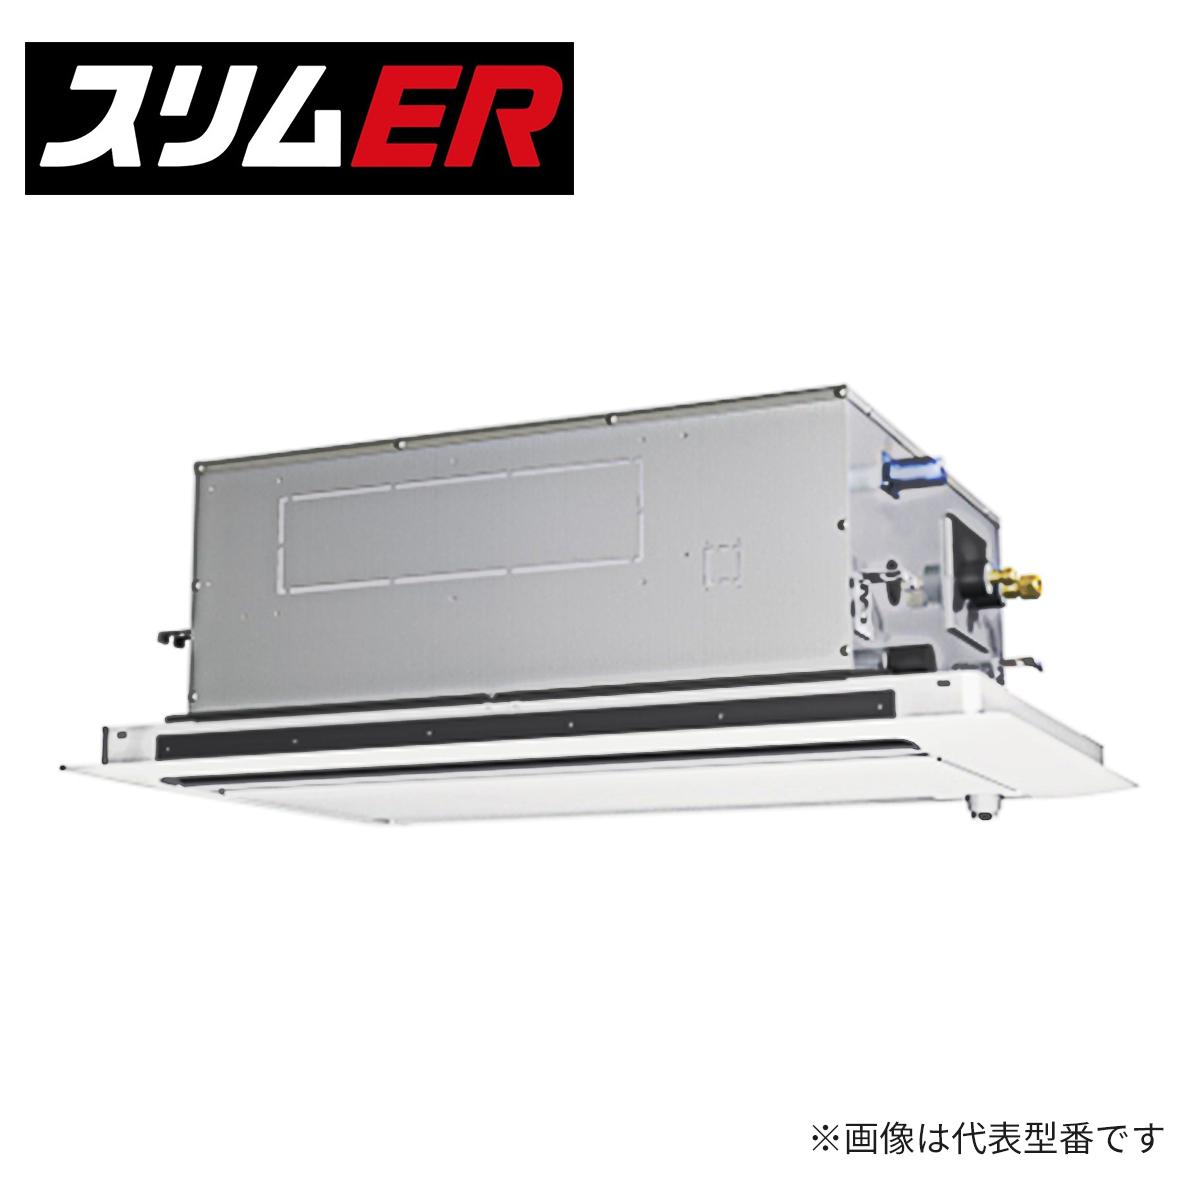 ###三菱 業務用エアコン【PLZ-ERMP63LER】スリムER 2方向天井カセット形 標準シングル 三相200V 2.5馬力